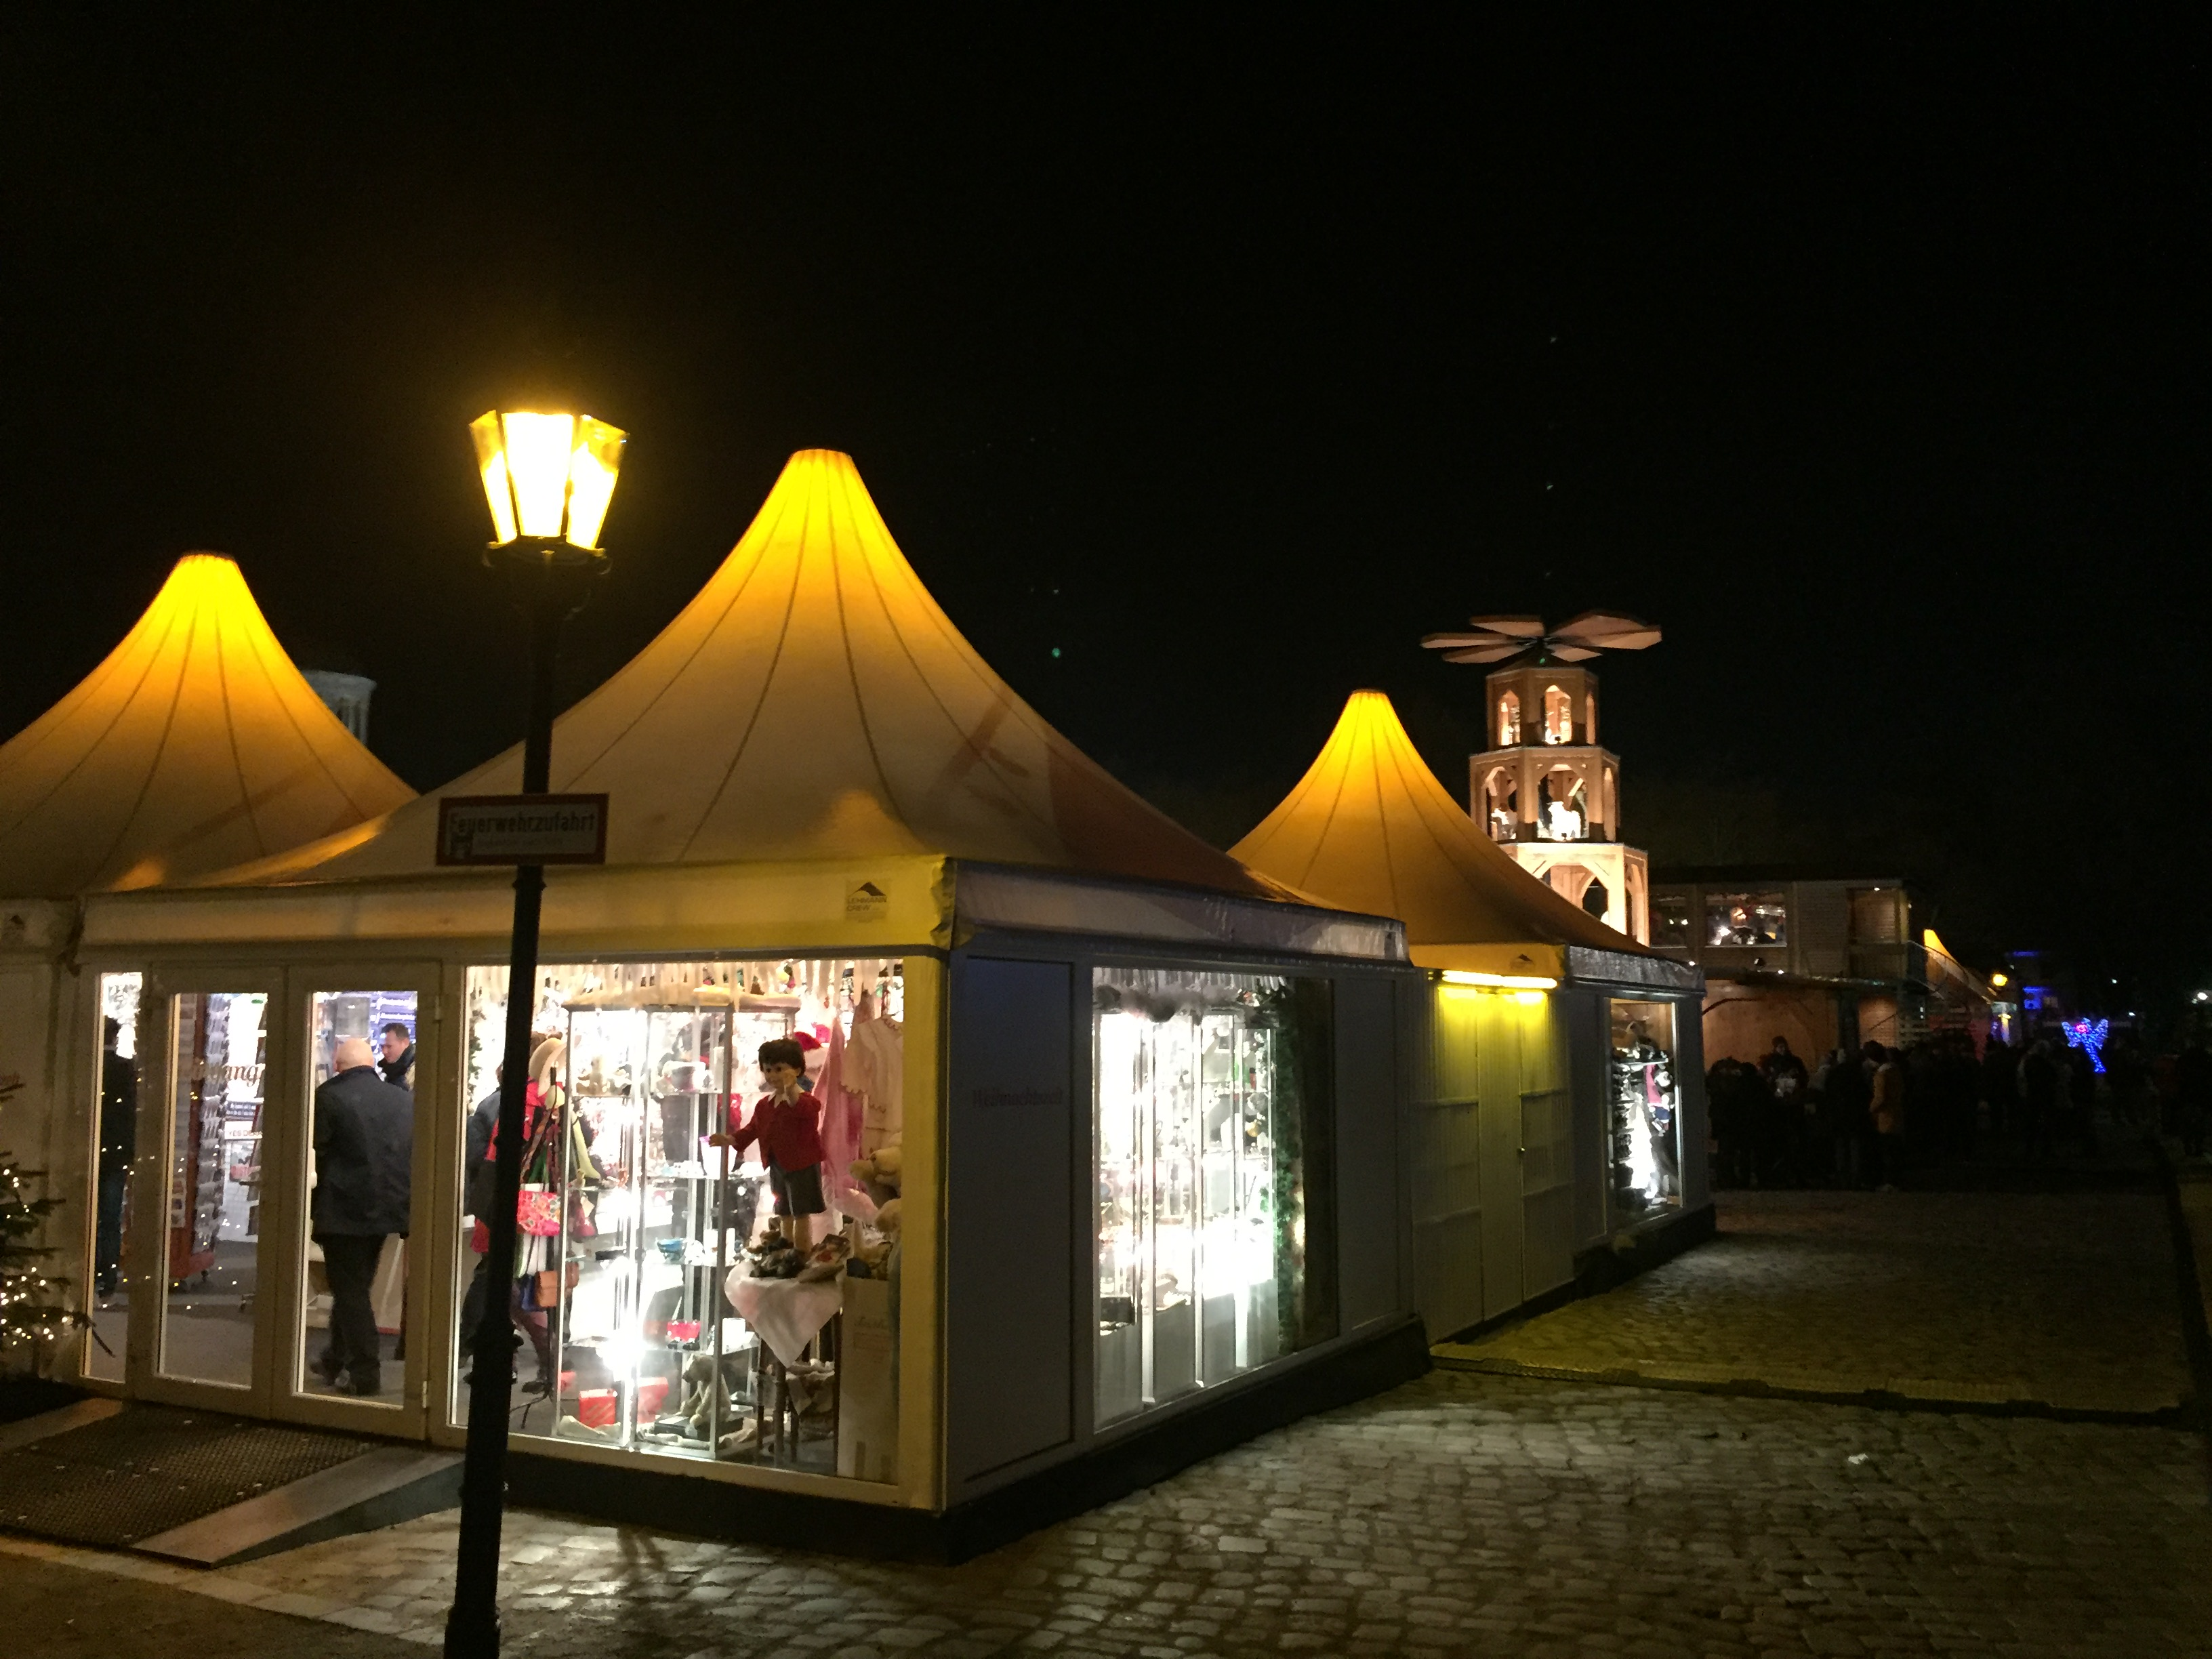 Eisstockschießen Berlin Weihnachtsfeier.Weihnachten In Berlin Berliner Insider Weihnachtstouren